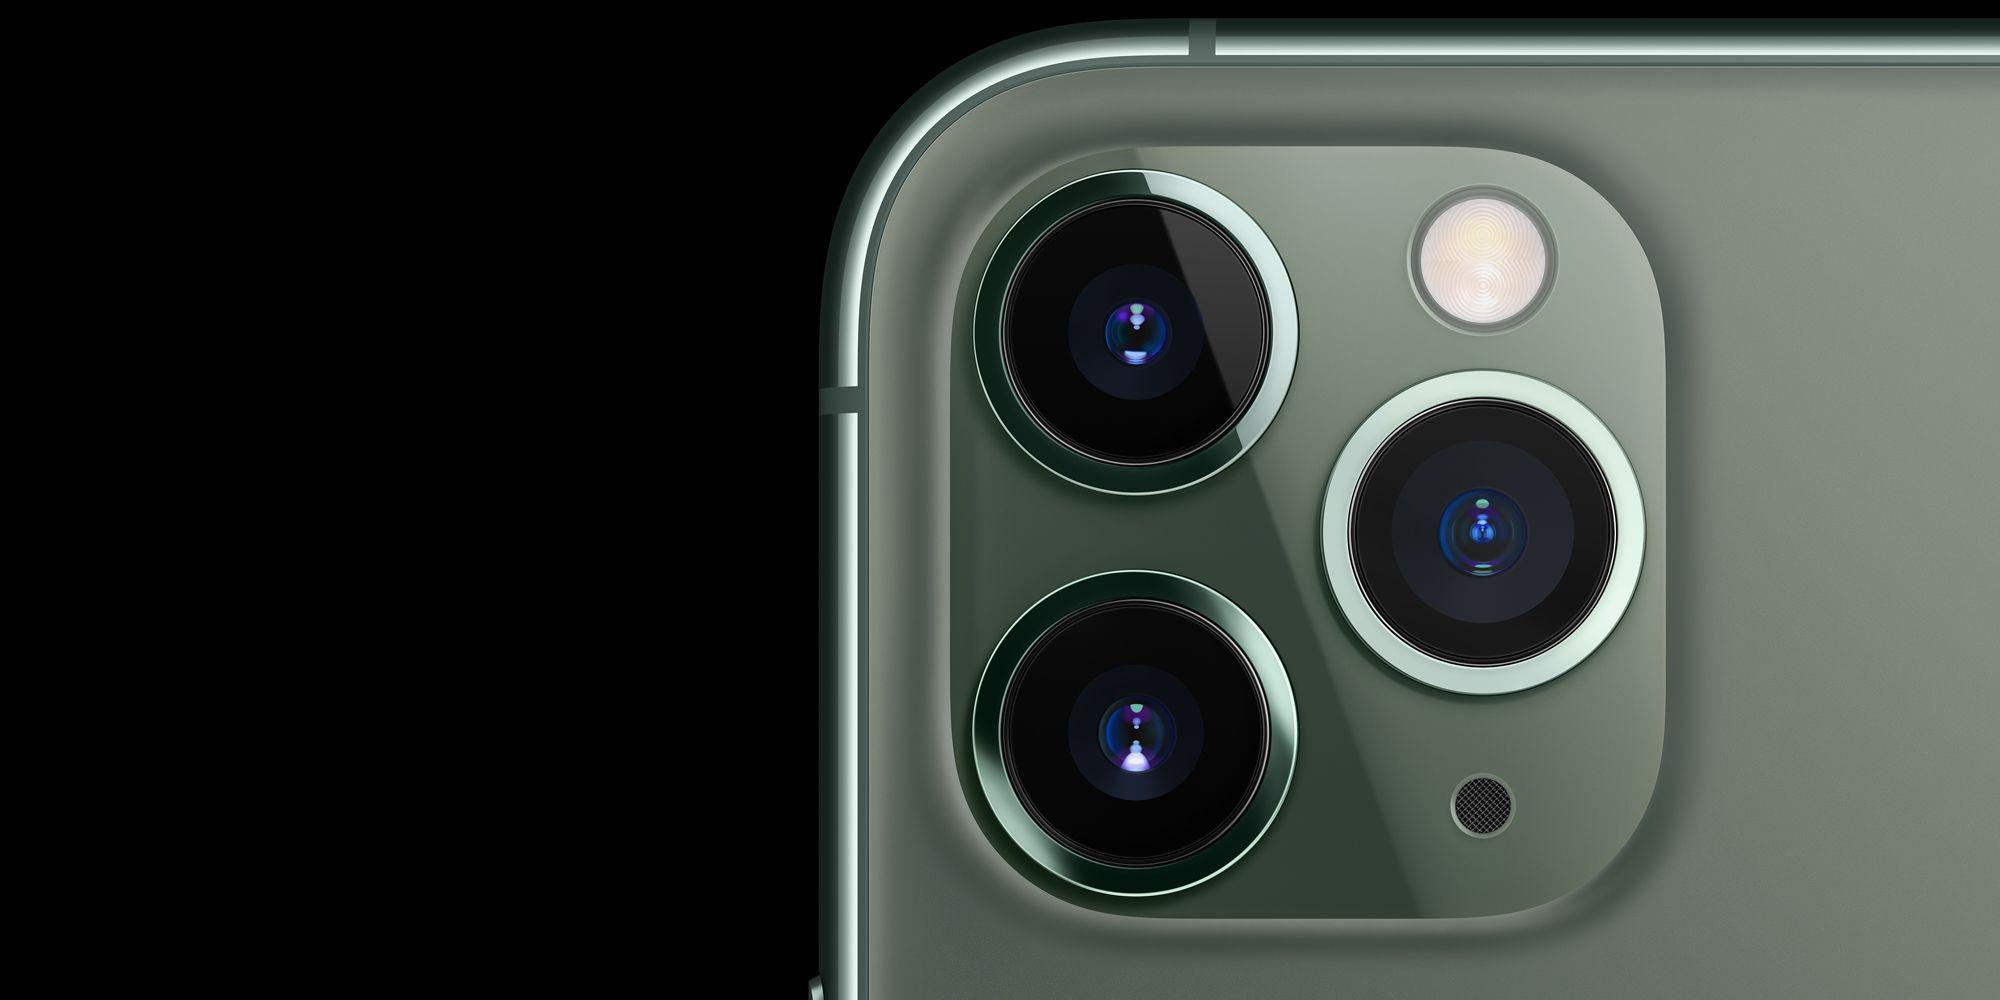 6 tính năng hiện đại trên smartphone mà iPhone 11 còn thiếu